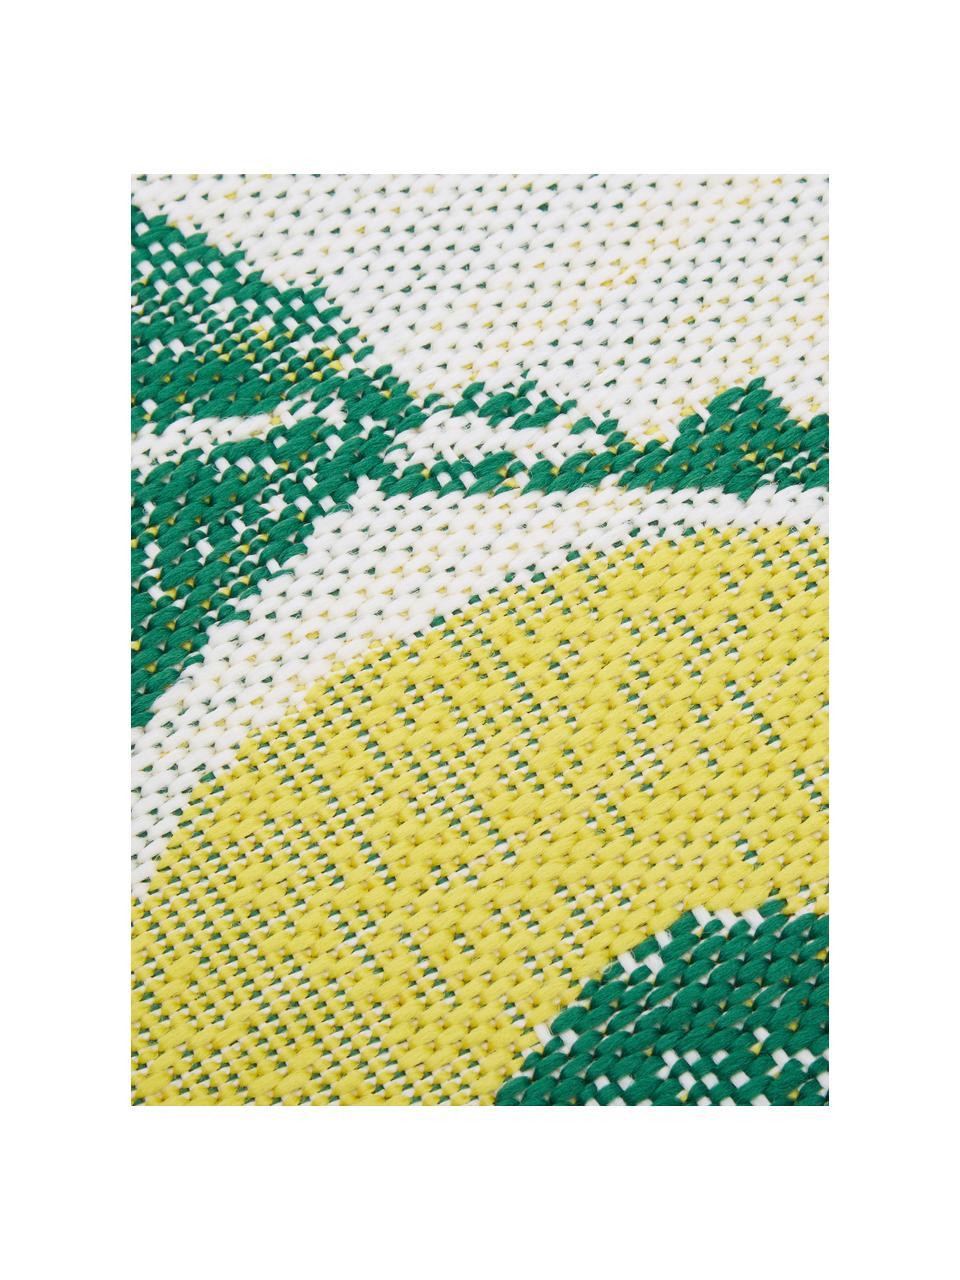 Tappeto da interno-esterno con stampa limoni Limonia, 86% polipropilene, 14% poliestere, Bianco crema, giallo, verde, Larg. 200 x Lung. 290 cm (taglia L)